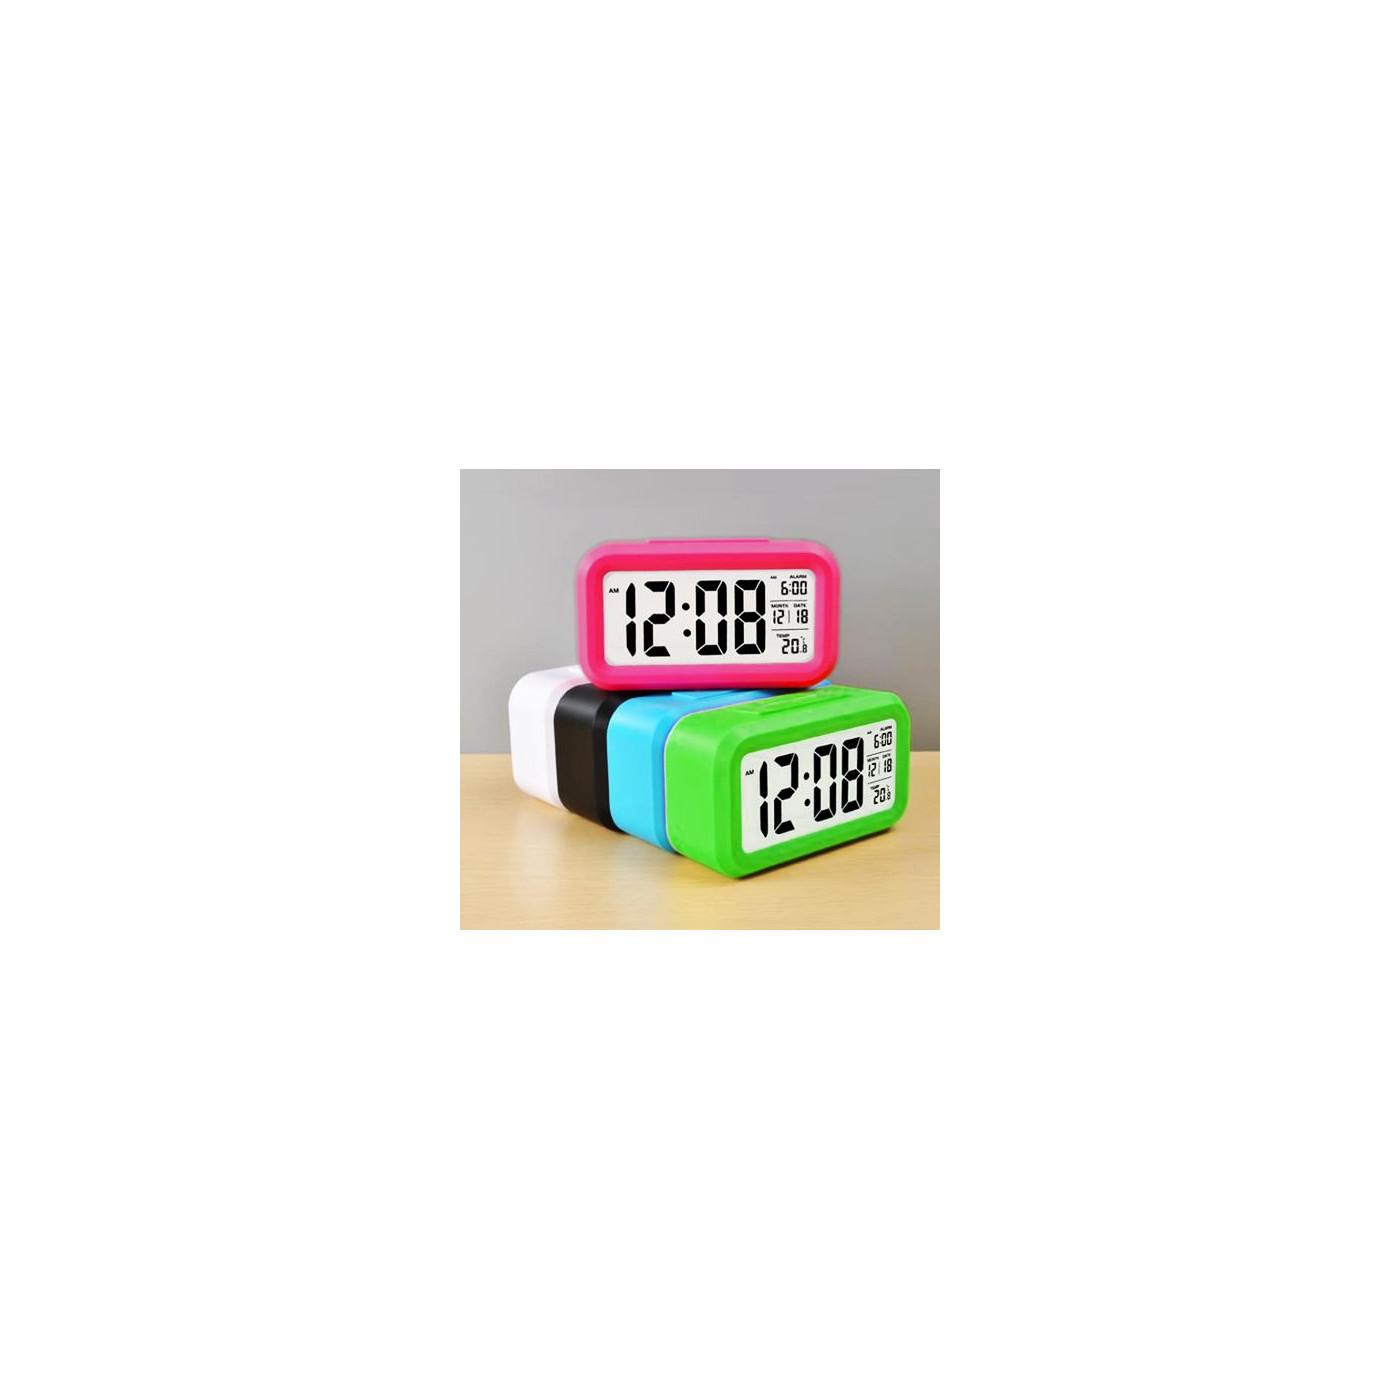 Reloj con alarma en alegre color: negro  - 1